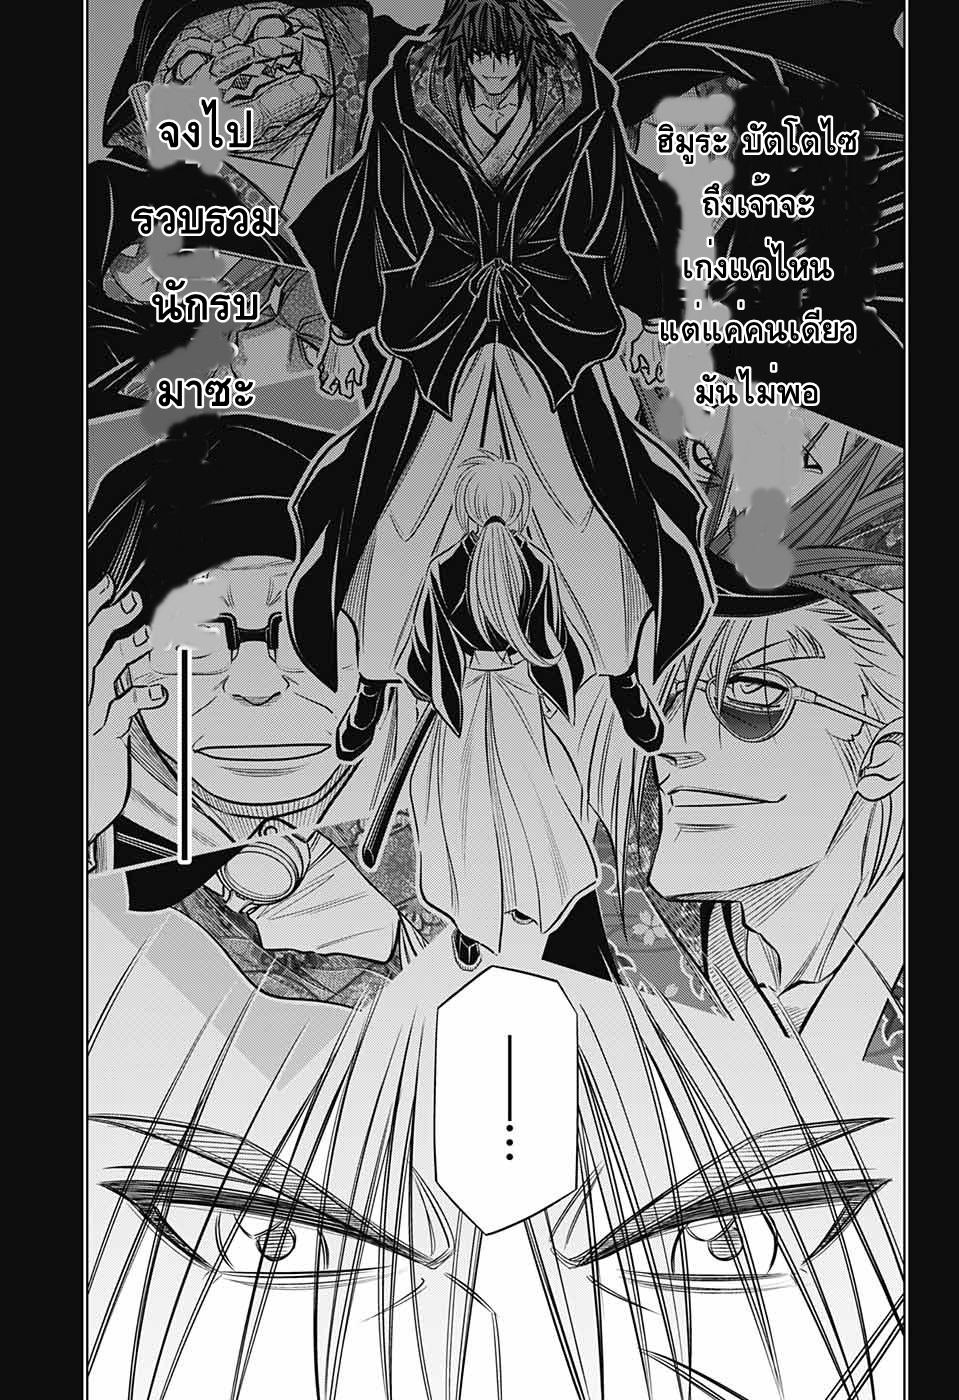 อ่านการ์ตูน Rurouni Kenshin: Hokkaido Arc ตอนที่ 13 หน้าที่ 15